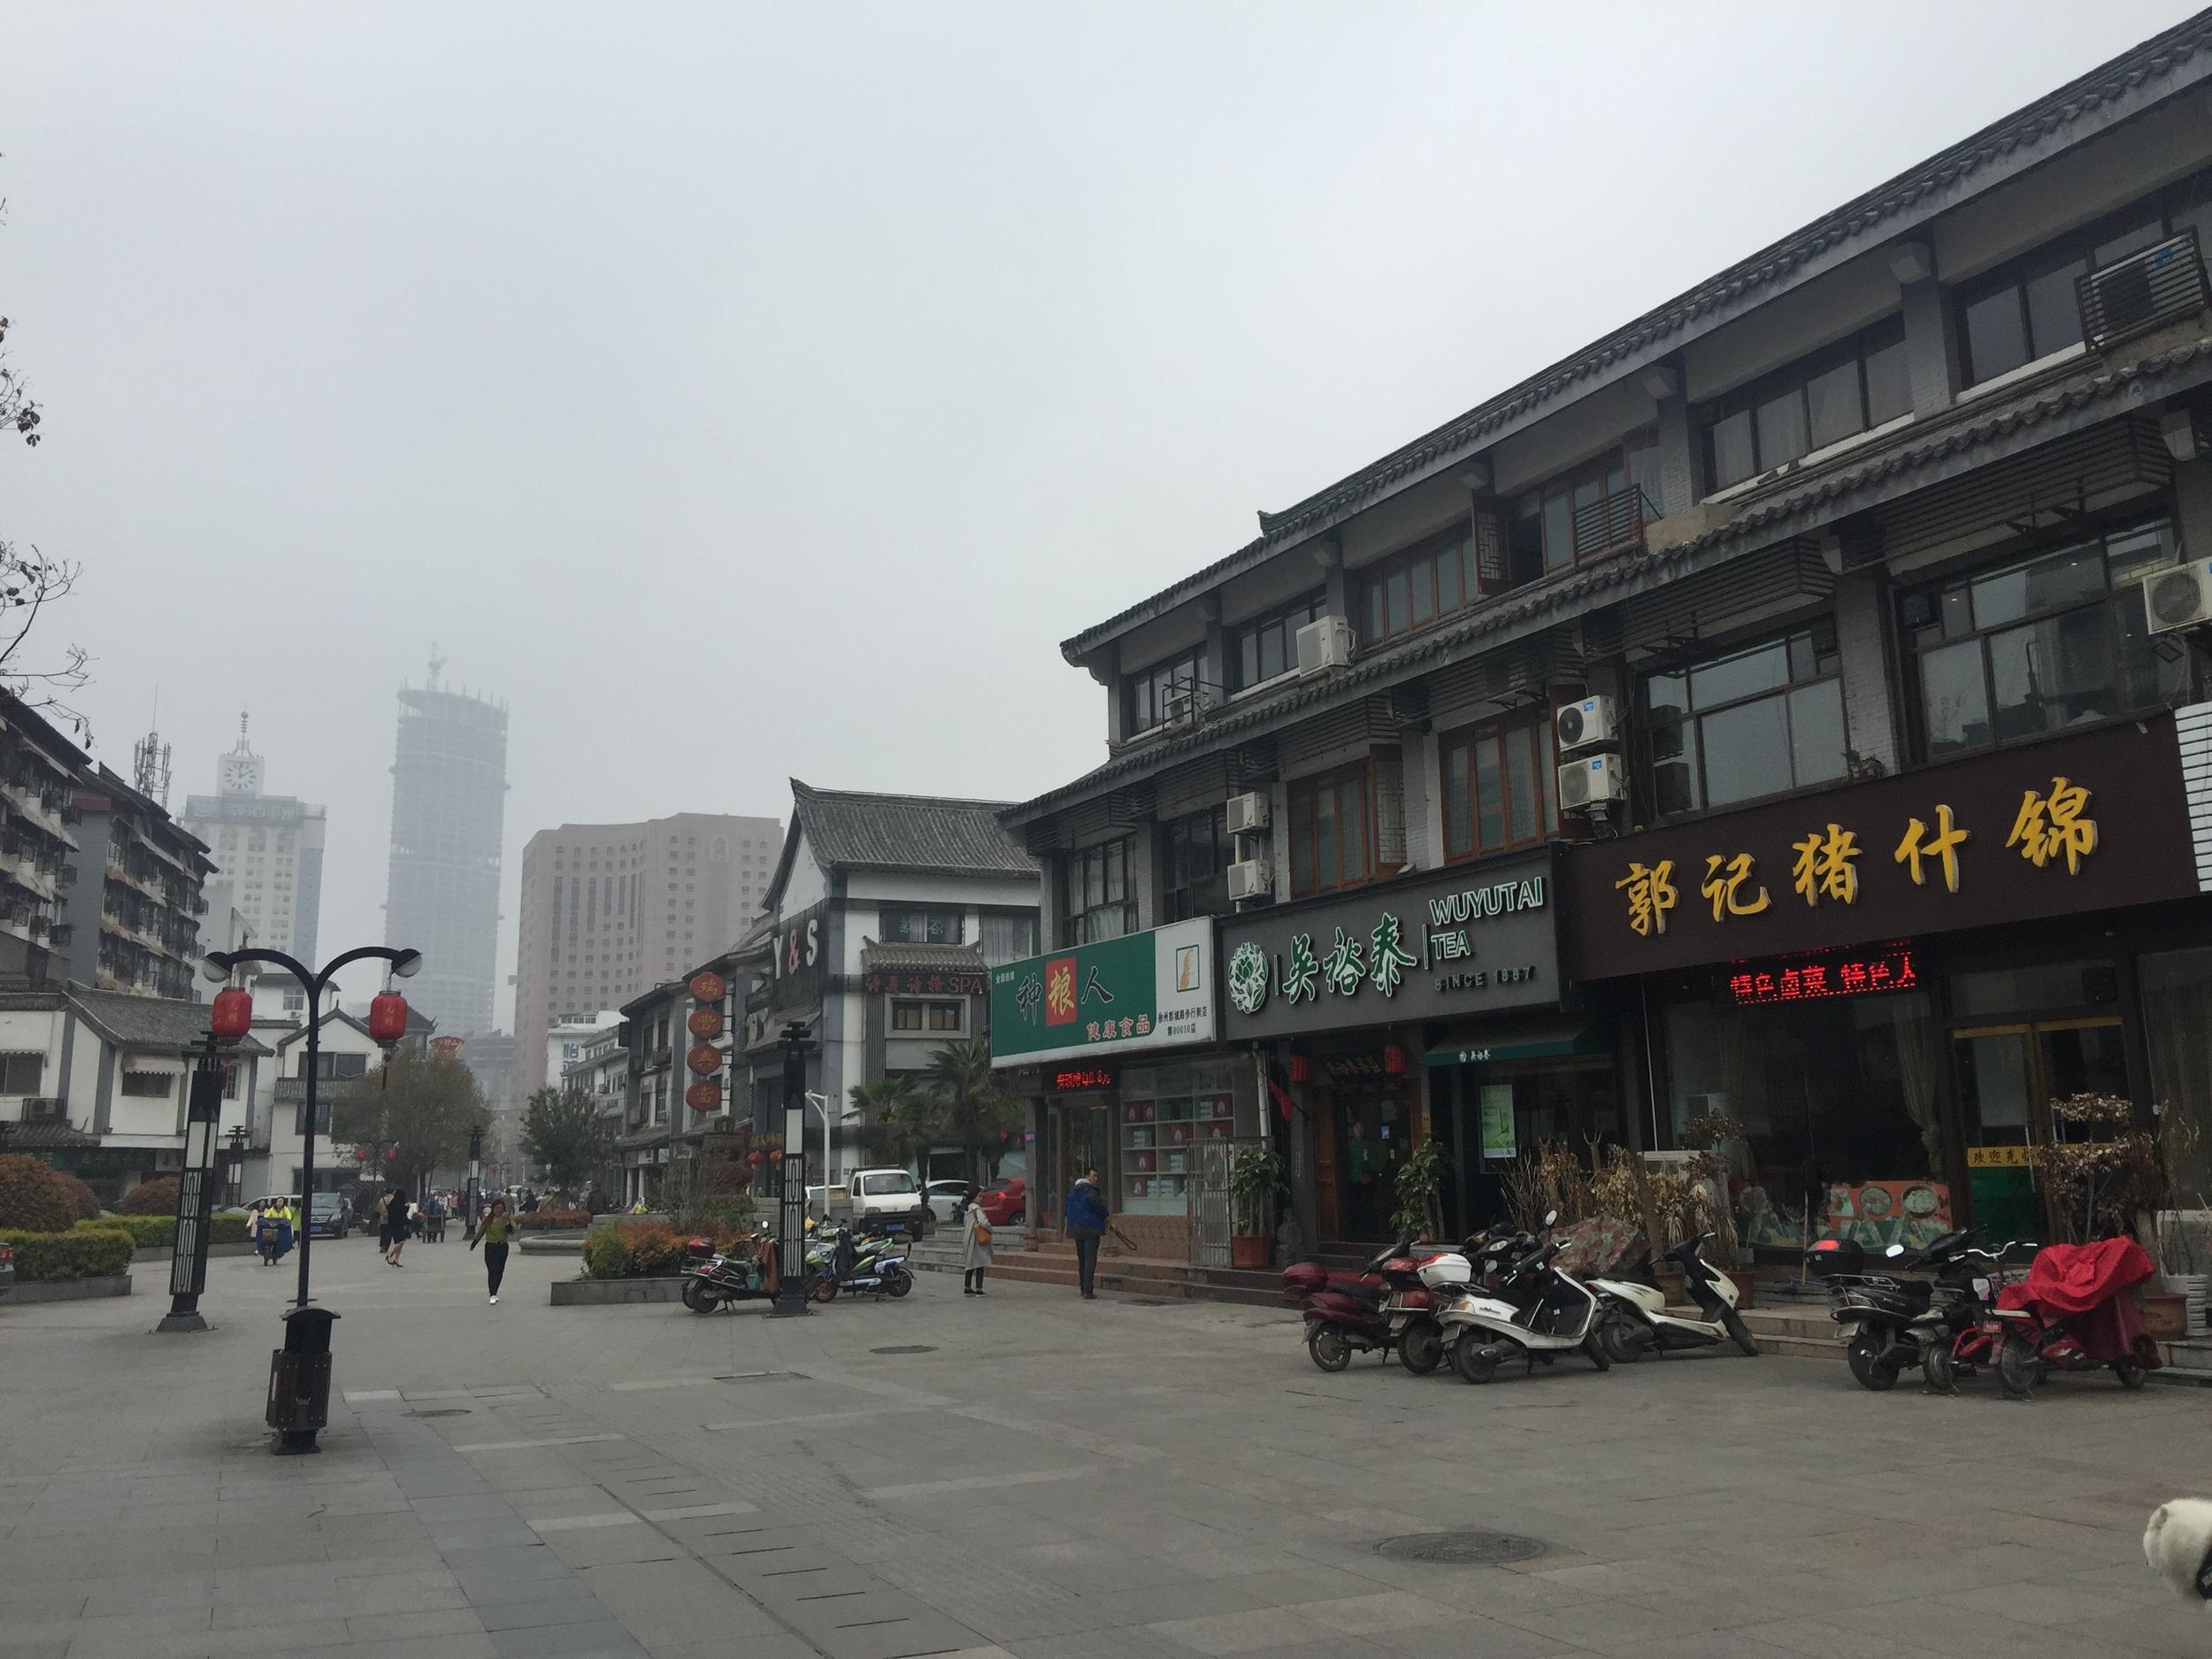 A famous walking street